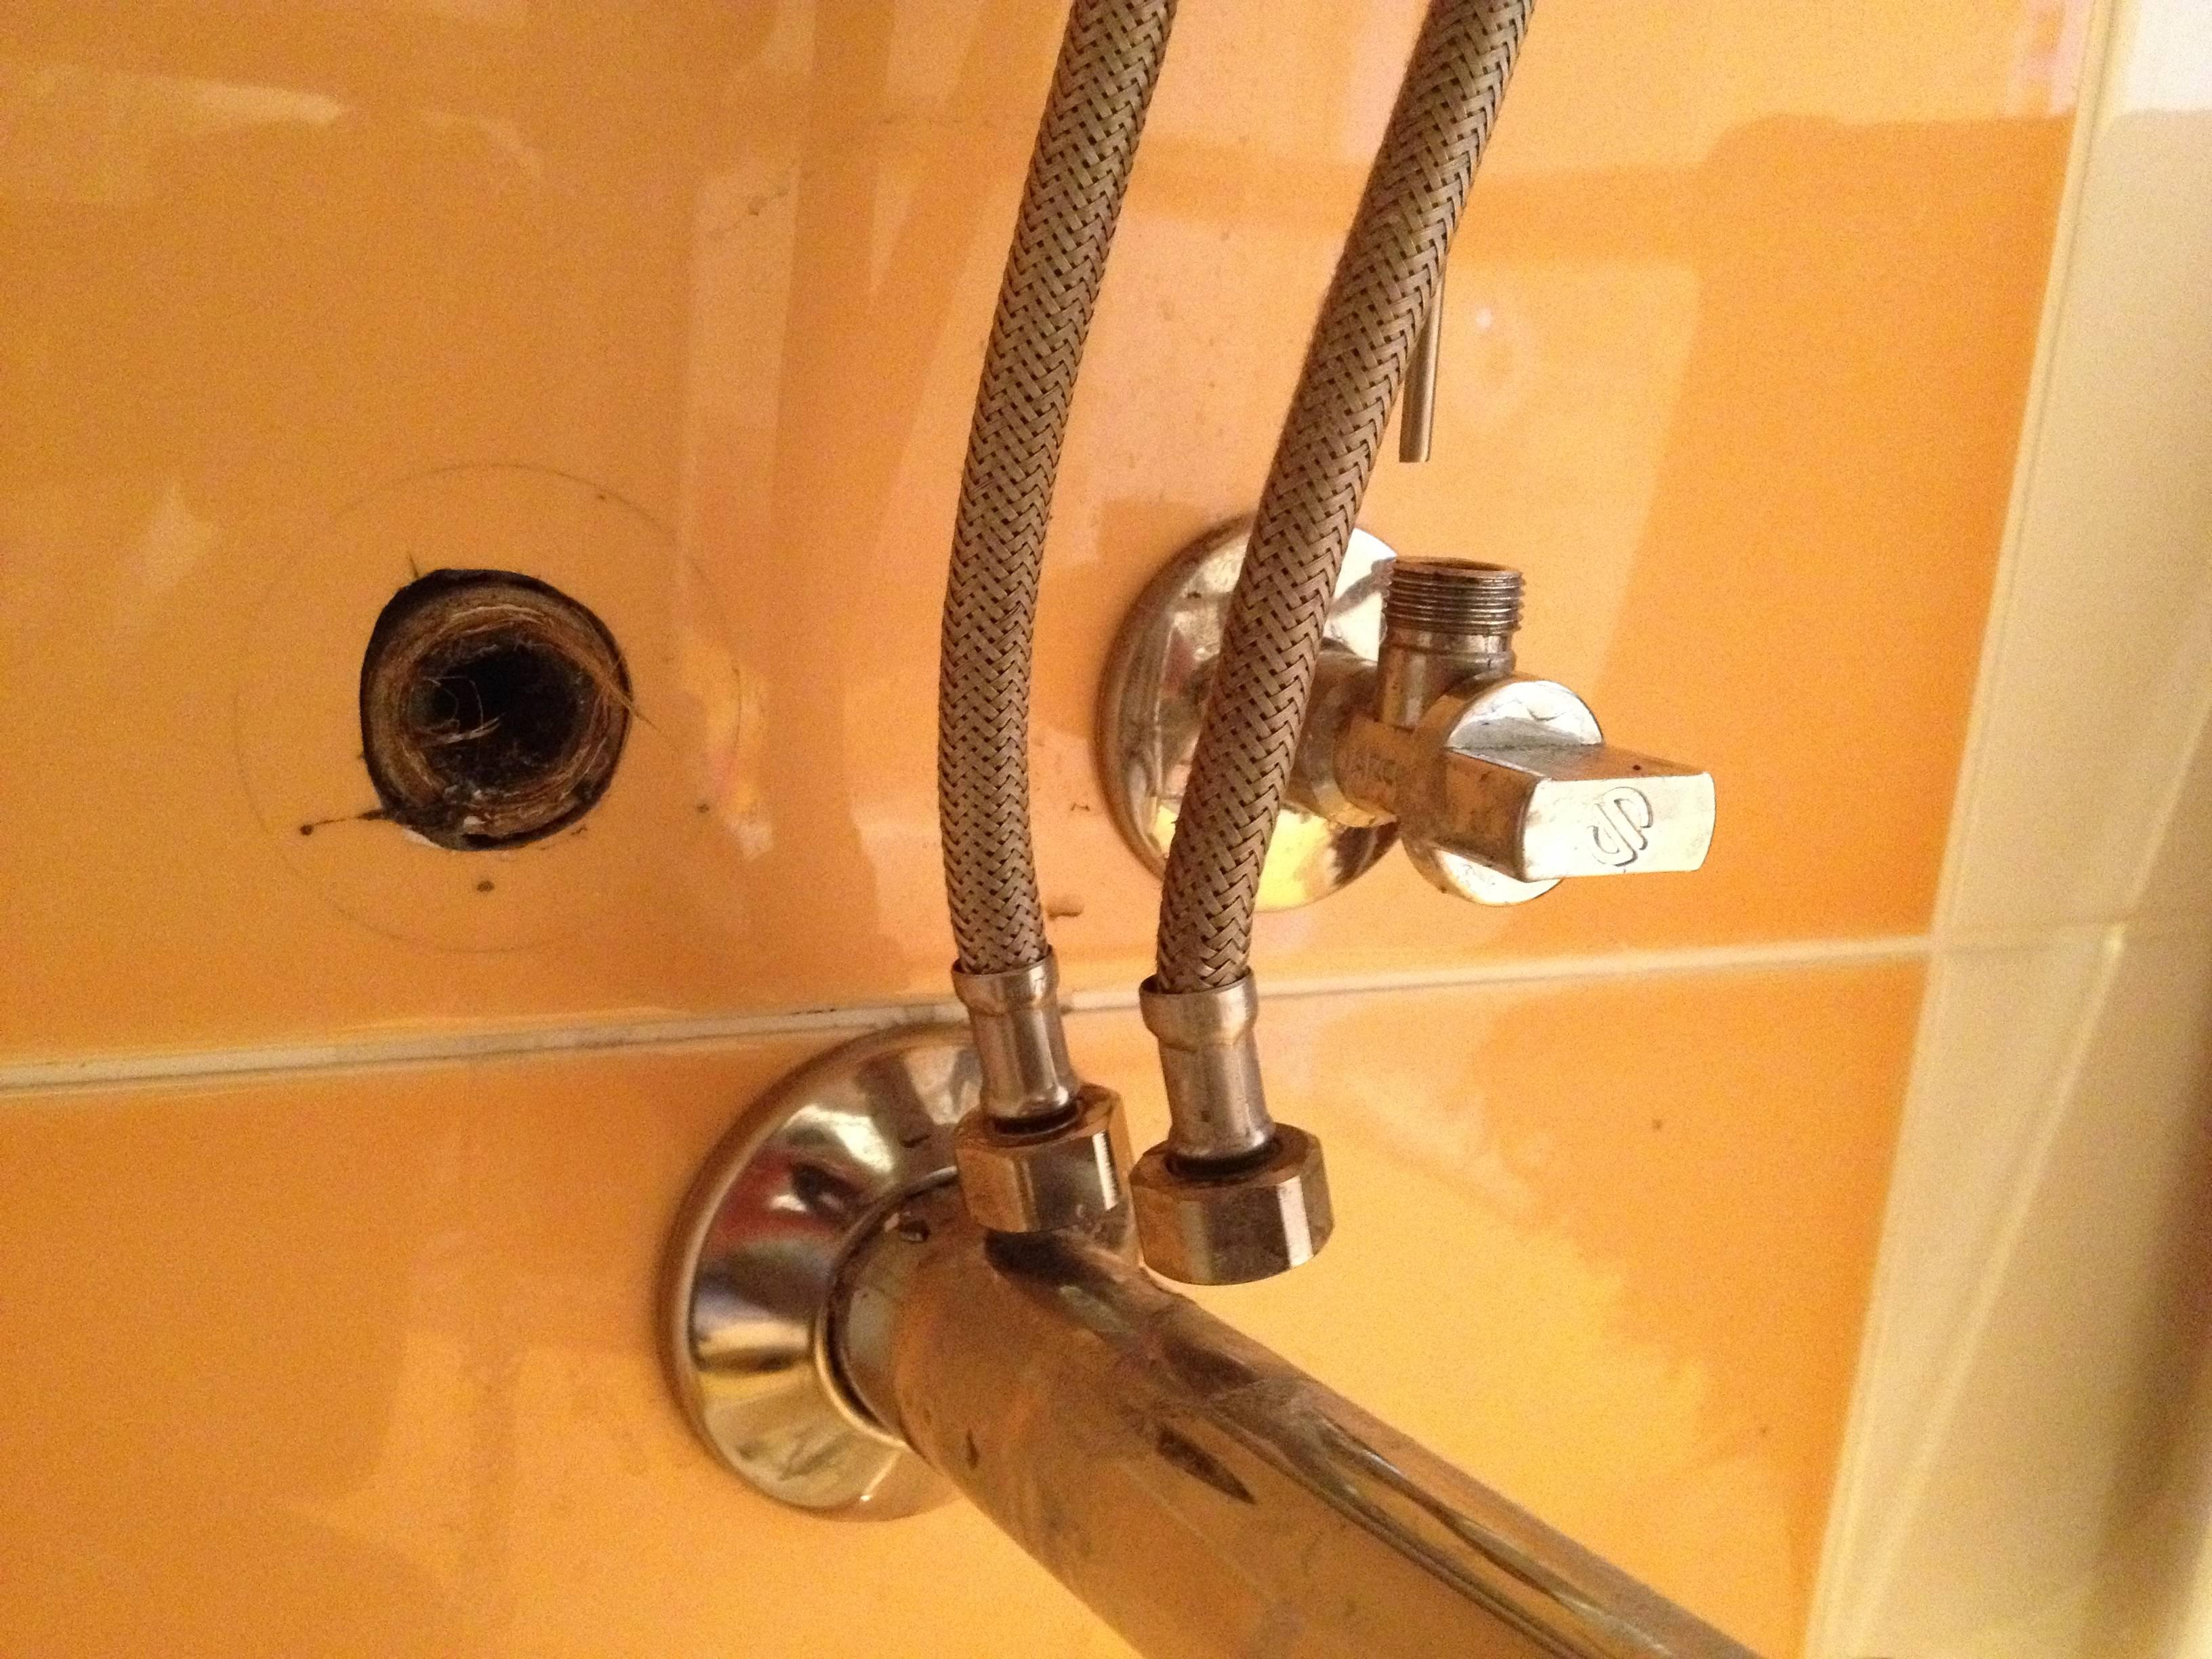 Шланг для смесителя: жесткая медная подводка для воды в ванной, размеры 1/2 и 3/8 дюйма, схемы подключения, как открутить и заменить